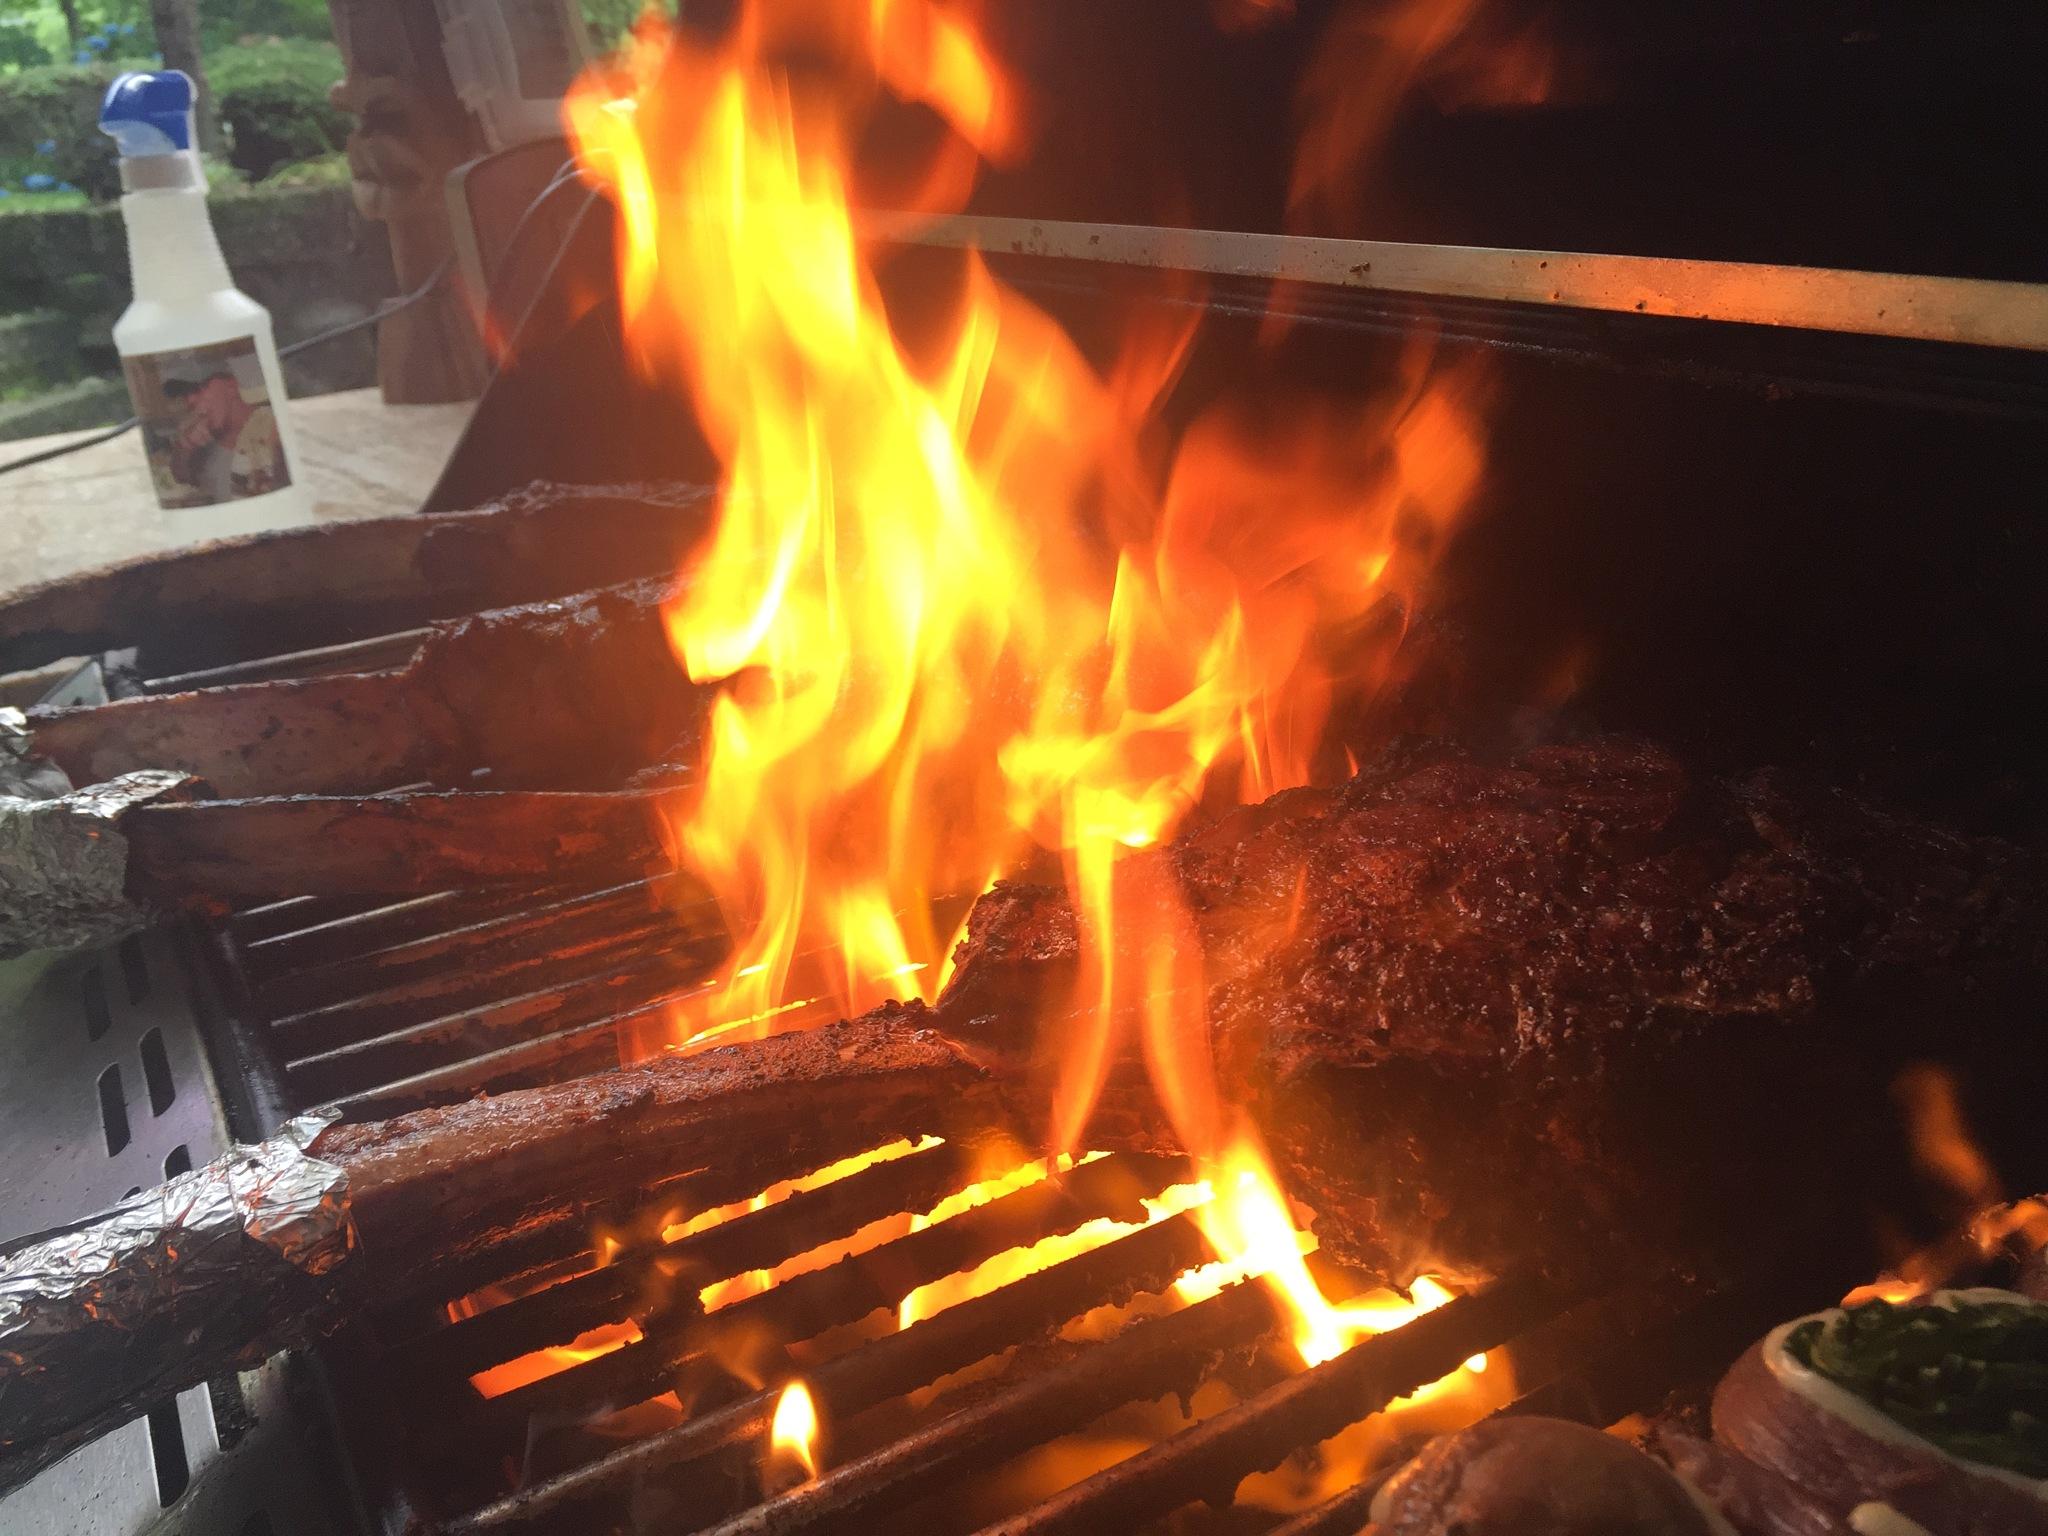 Tomahawk steaks by david.strollo.5